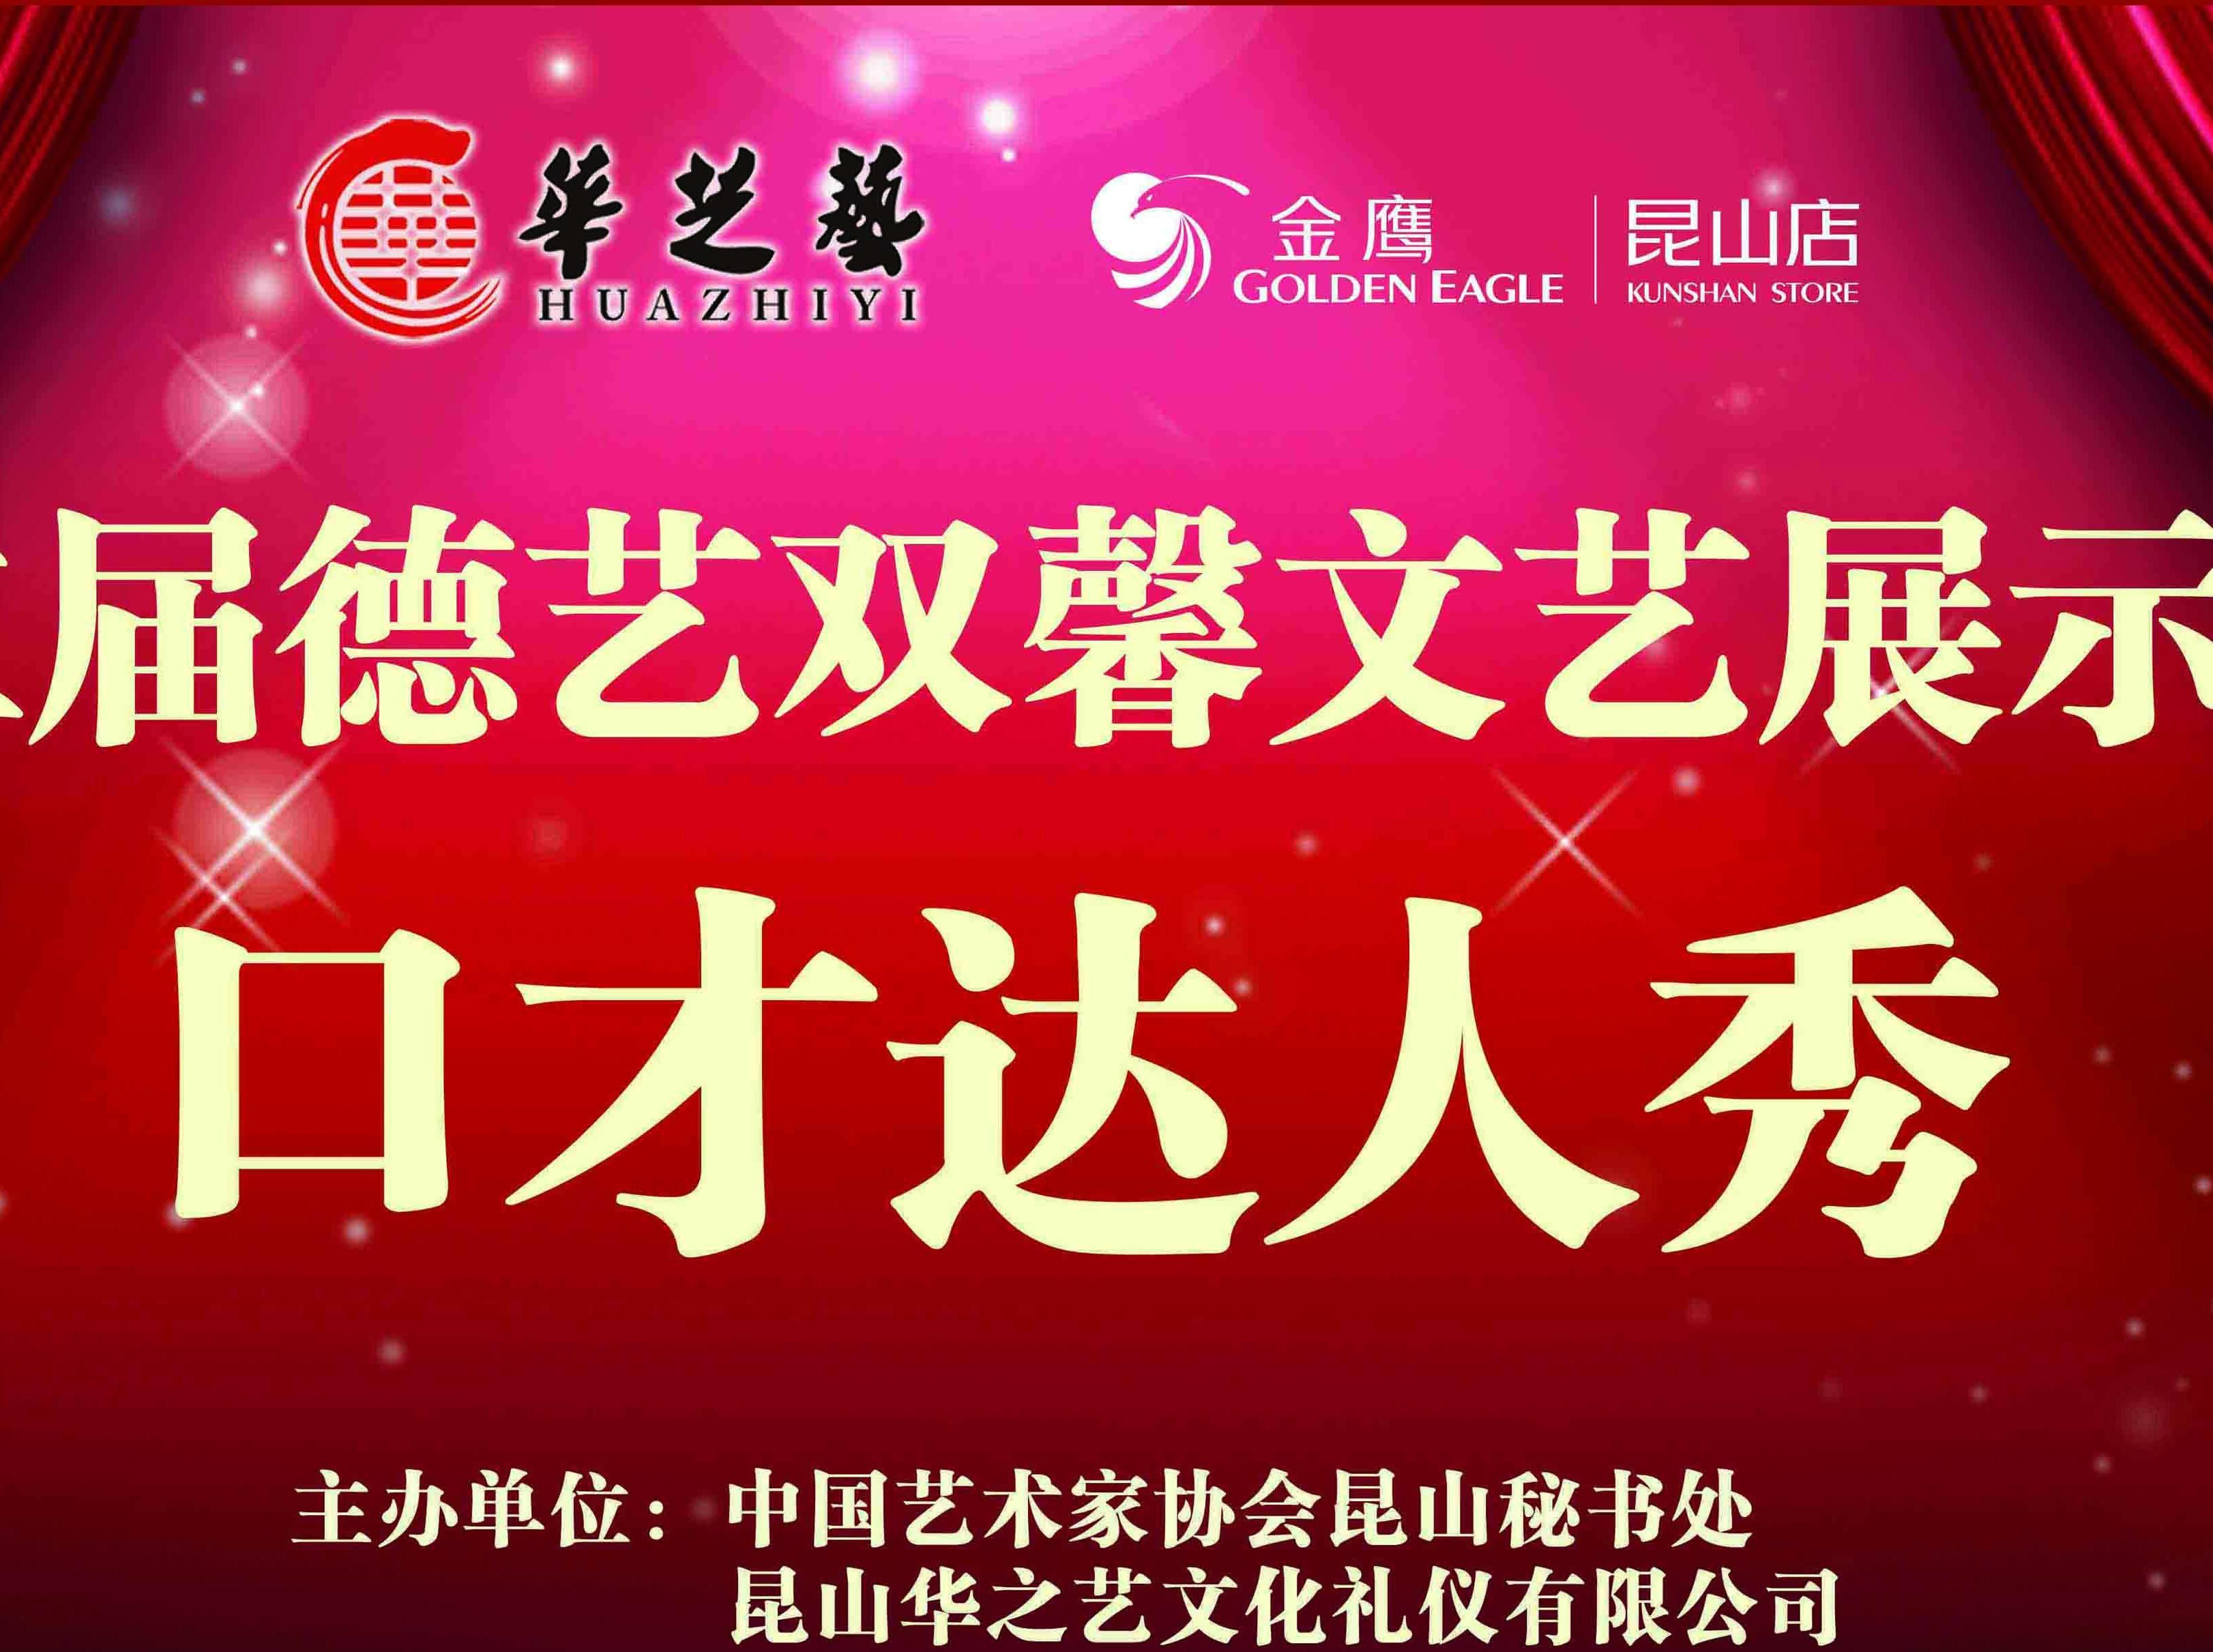 第14届德艺双馨昆山赛区《口才达人秀》